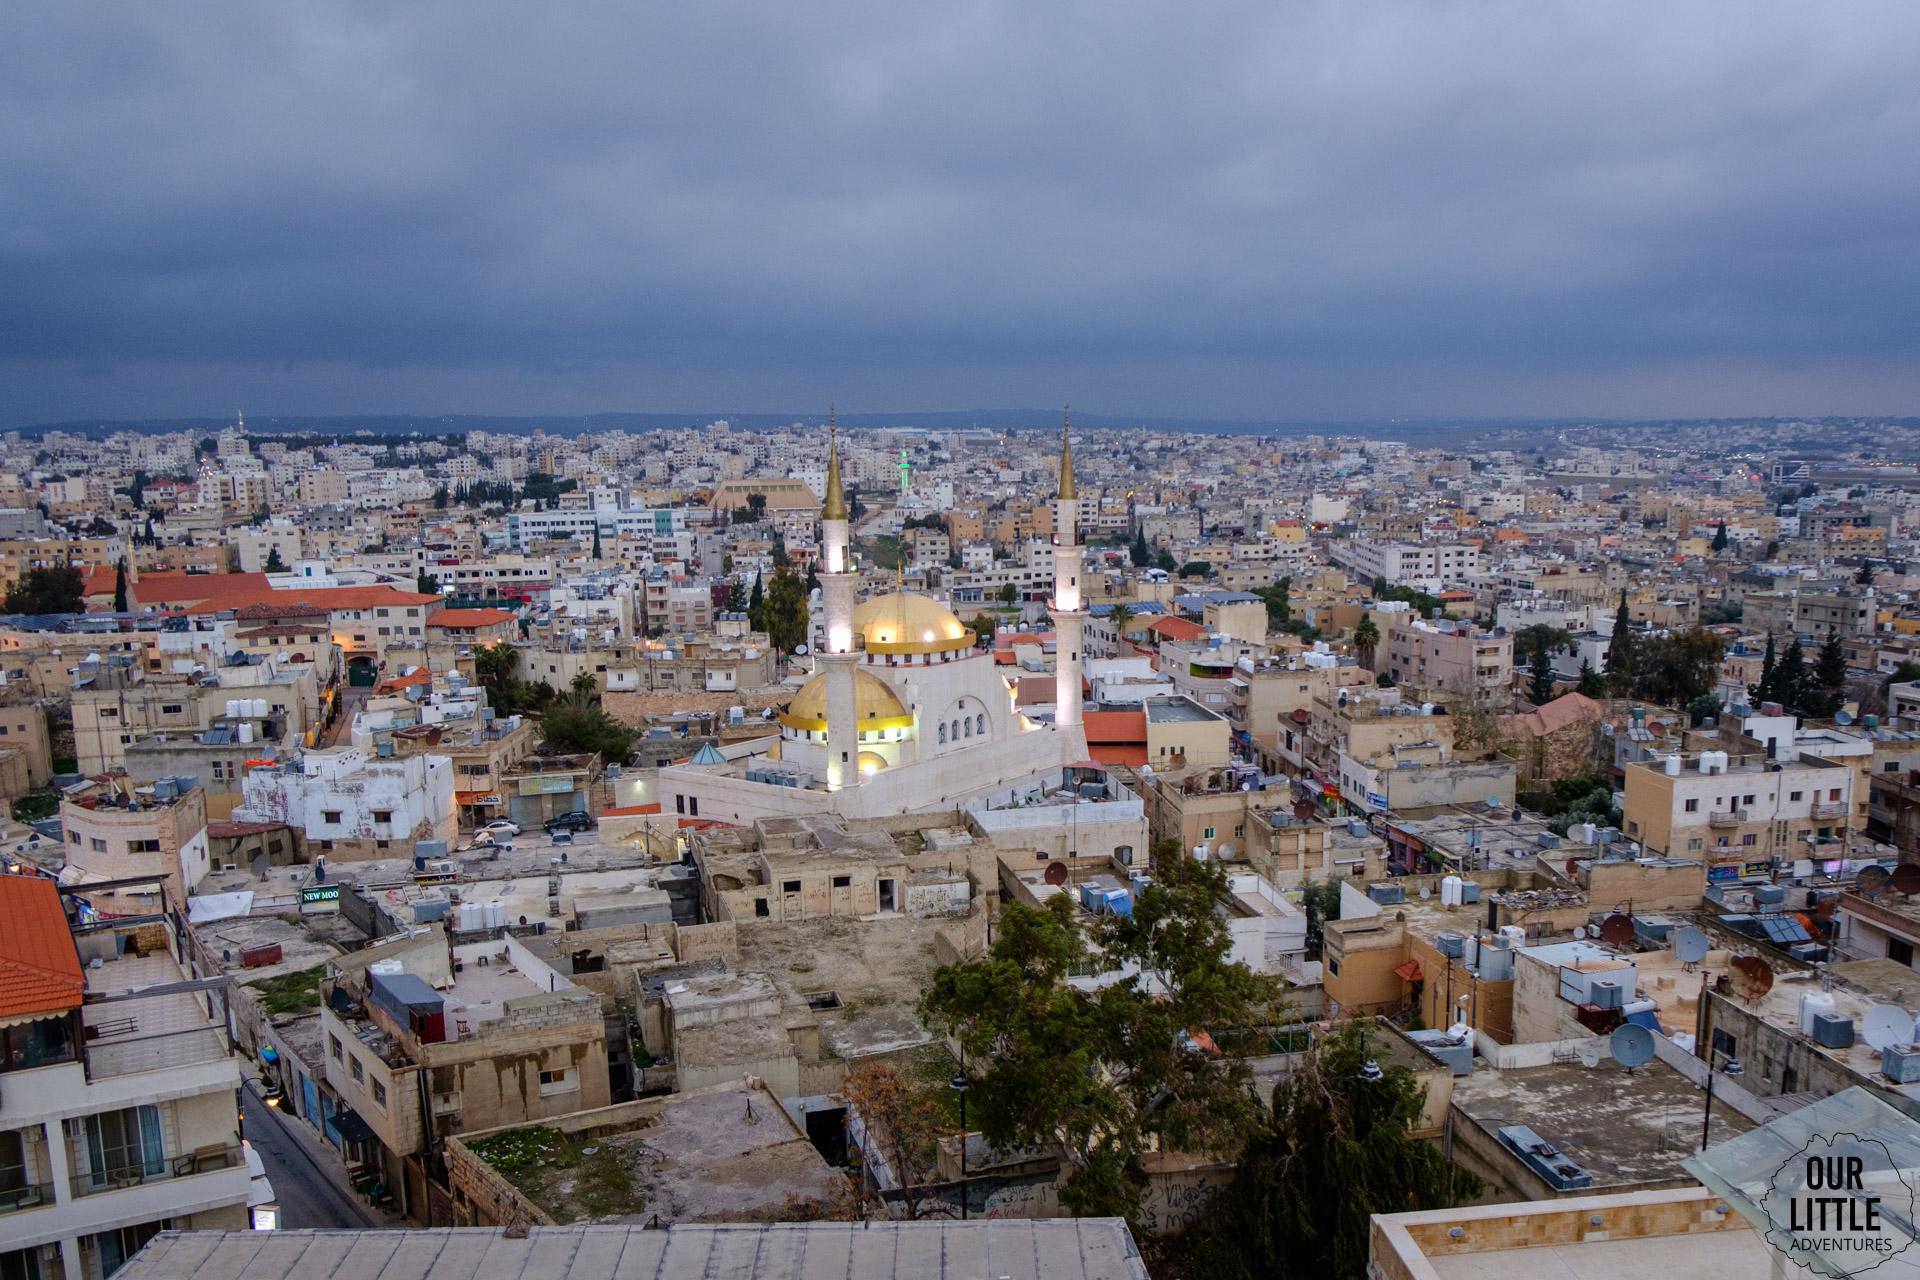 Widok z bazyliki św. Jana Chrzciciela w Mabadnie. Widoczny piękny meczet